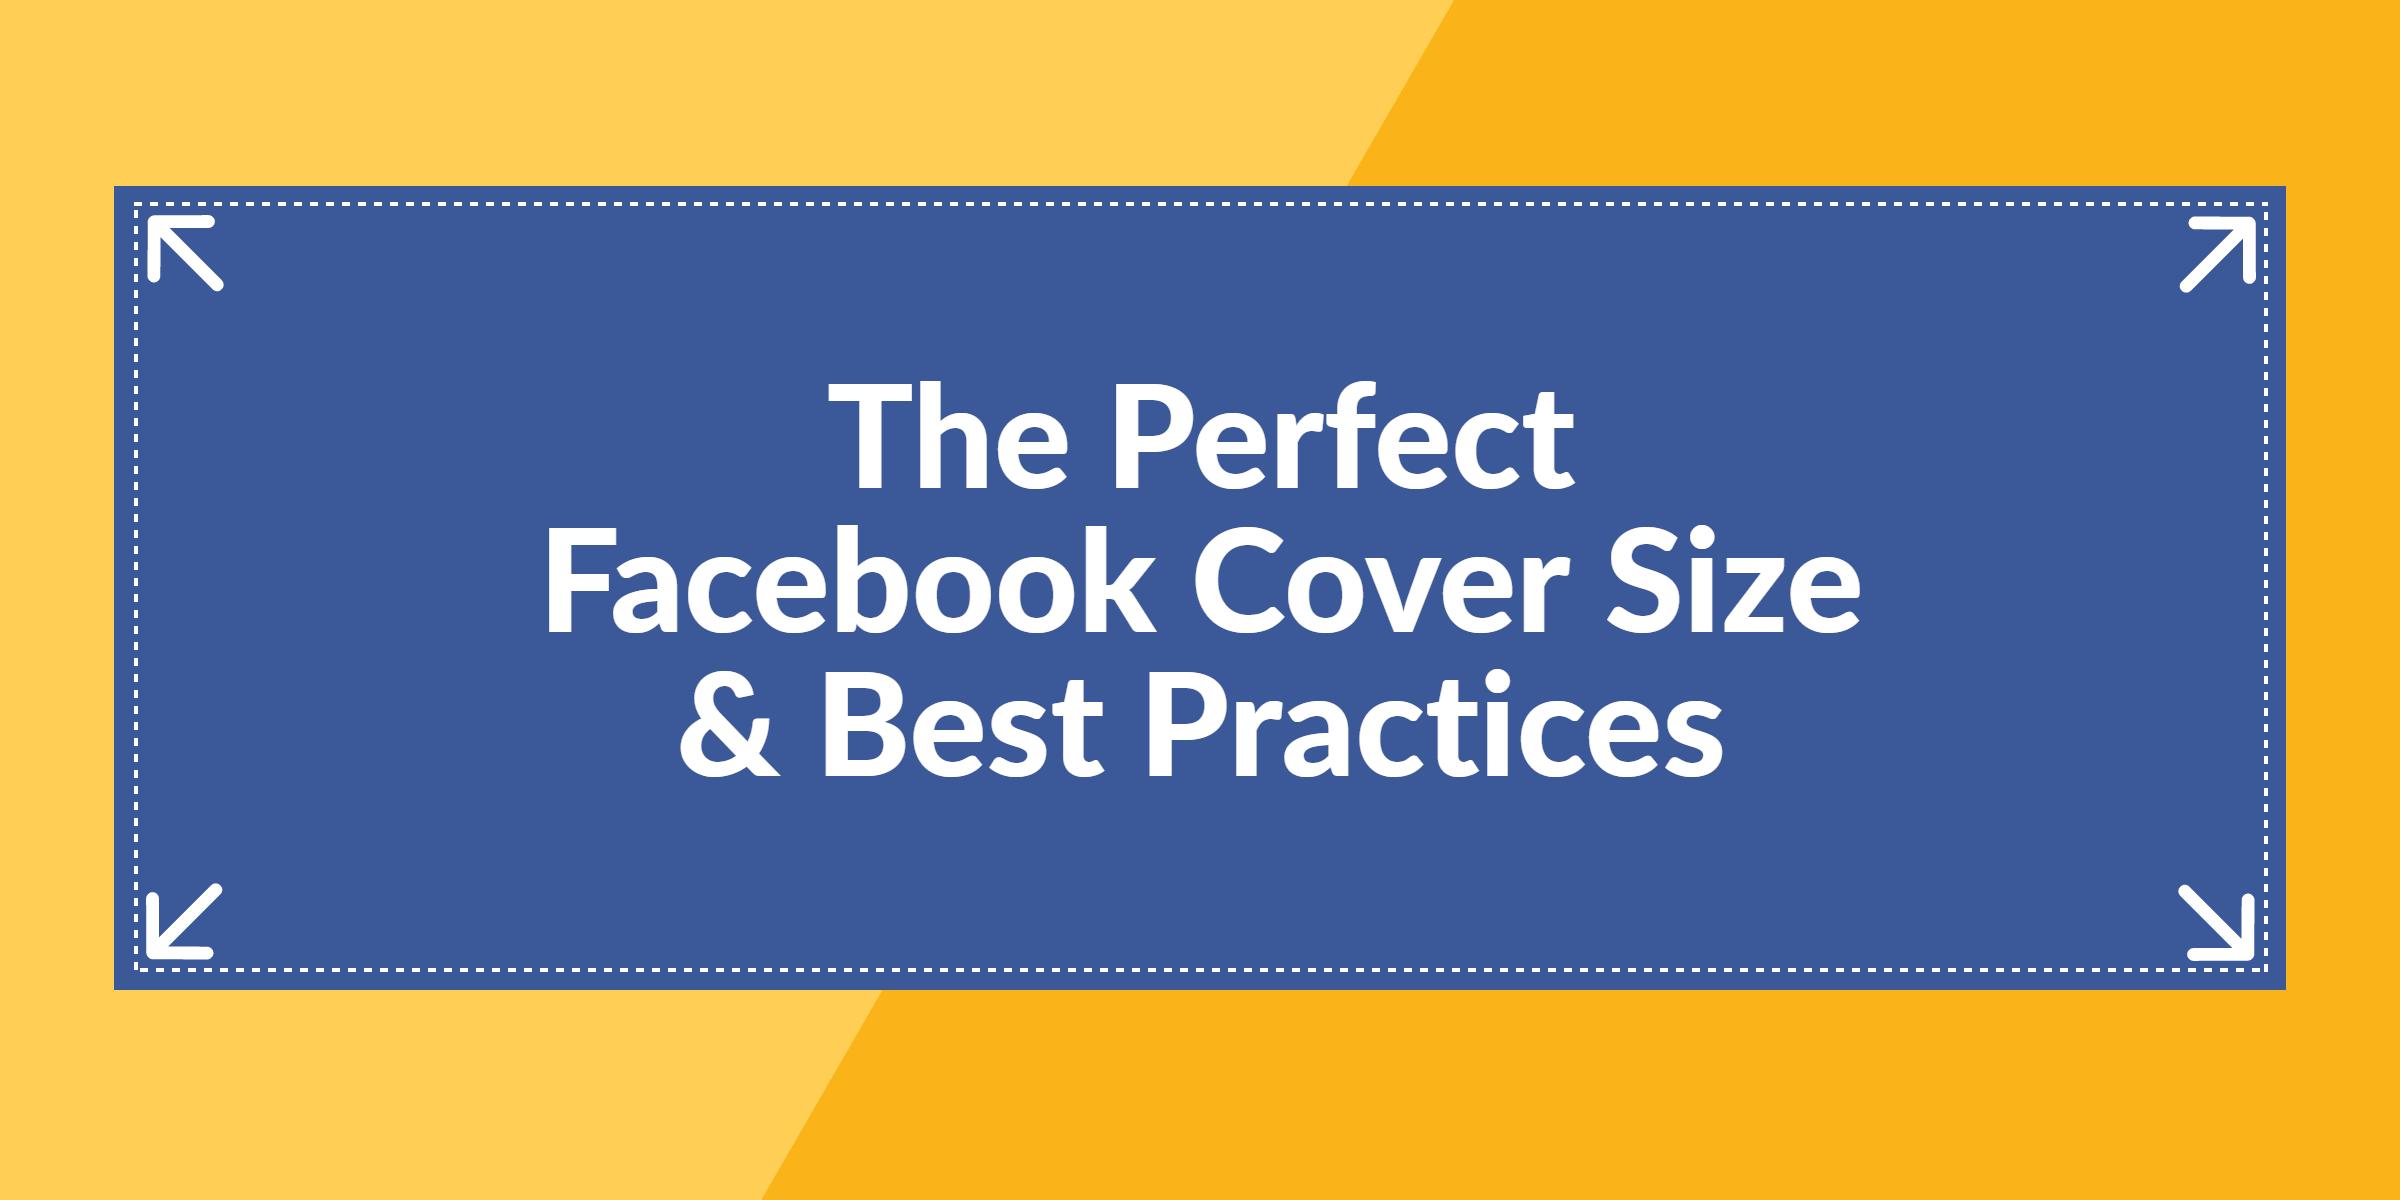 Kích thước avatar Facebook và ảnh cover Facebook mới nhất 2019